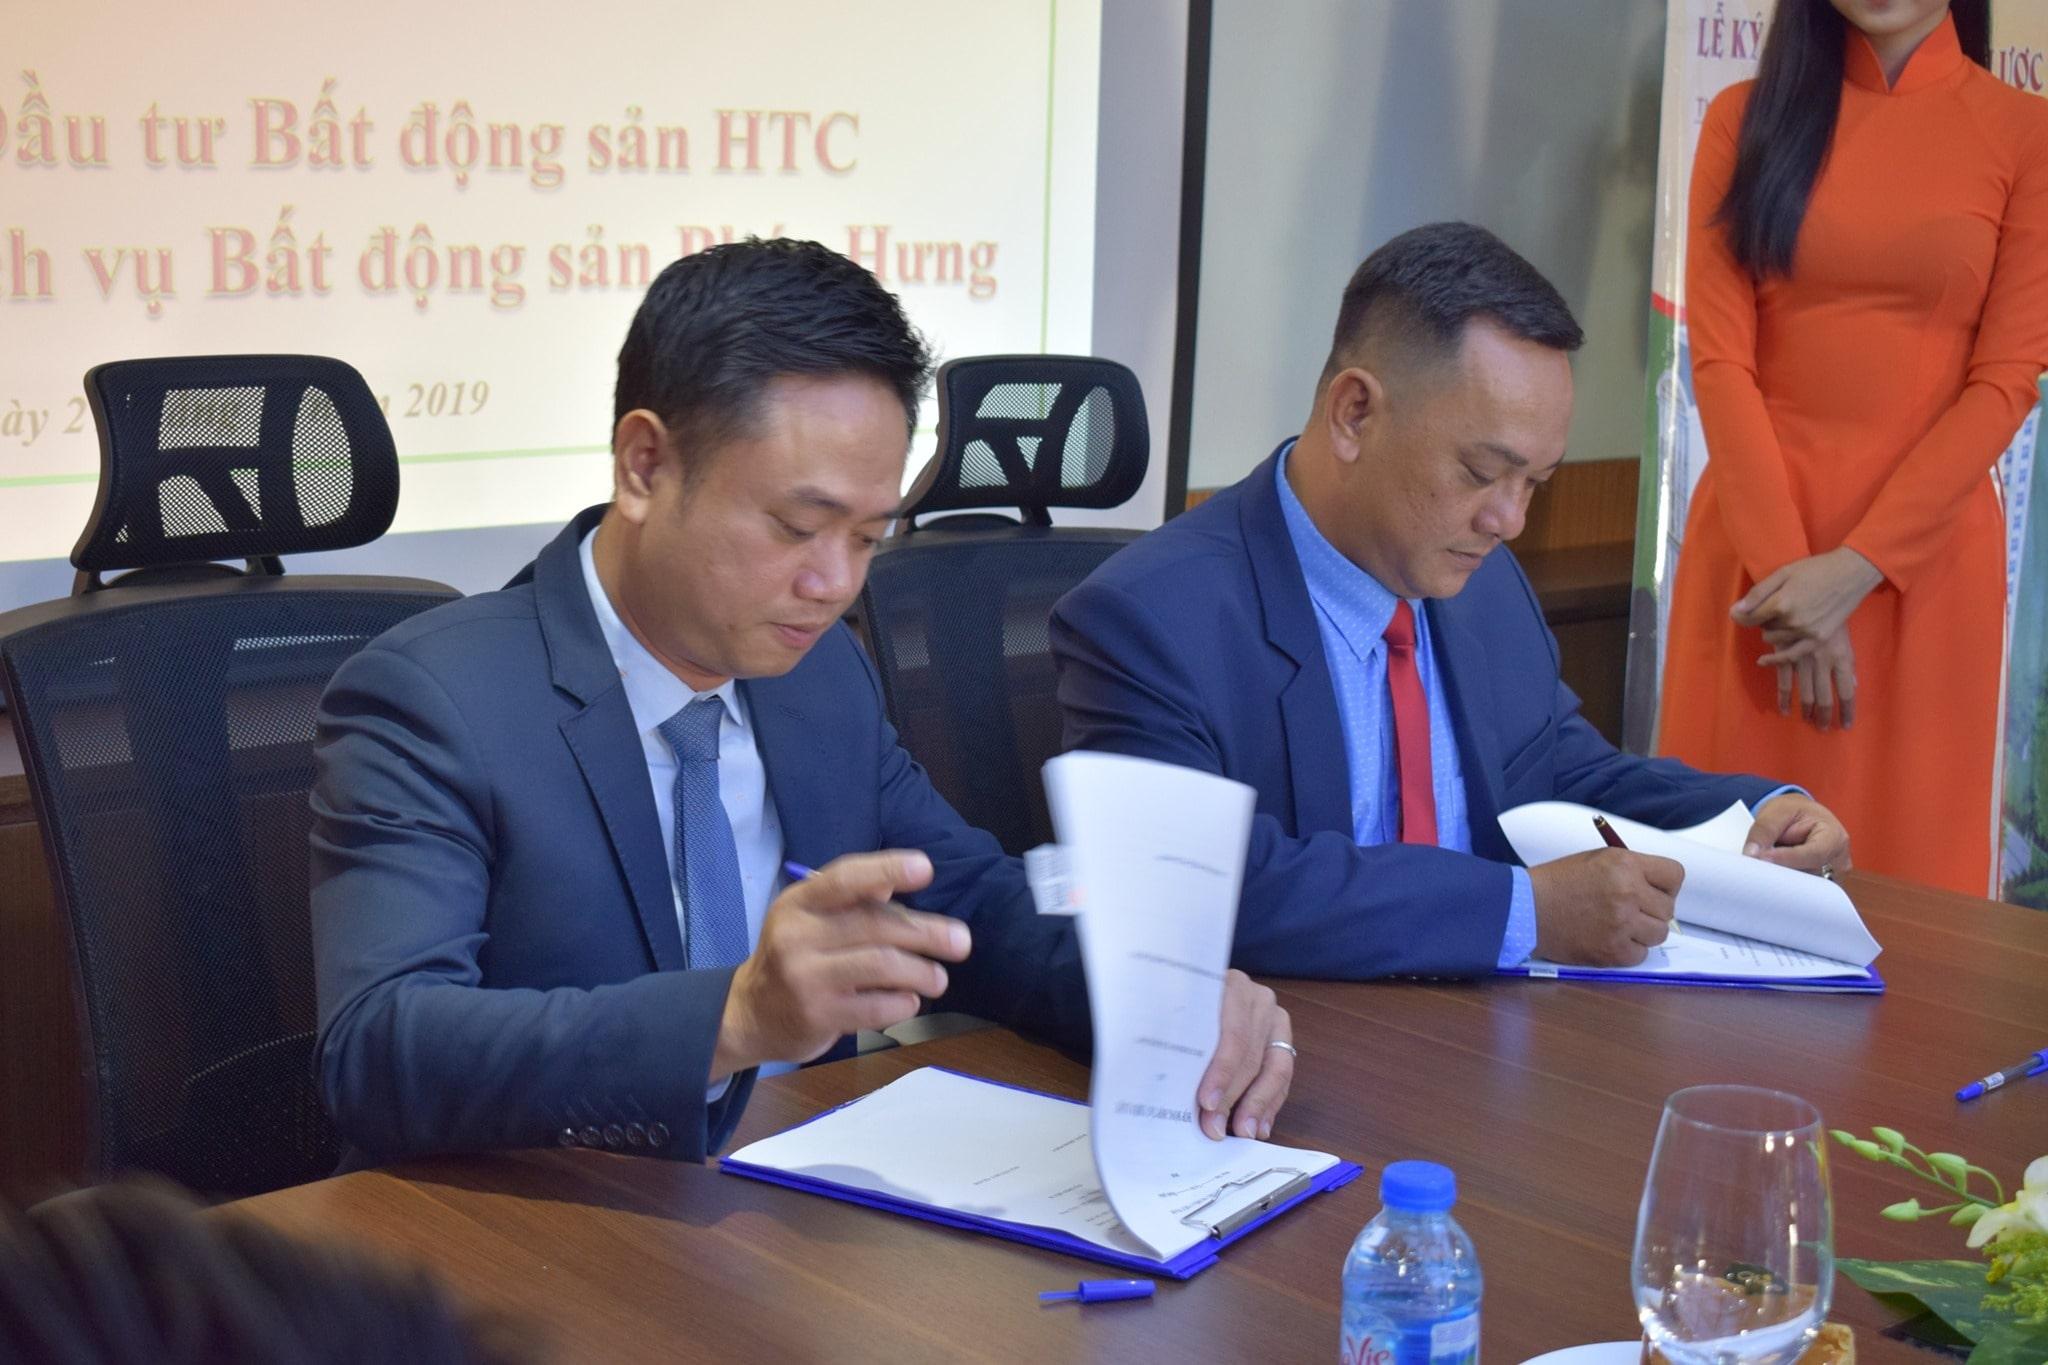 Đại diện HTC Group ký kết hợp tác với Đại diện Phúc Hưng Group